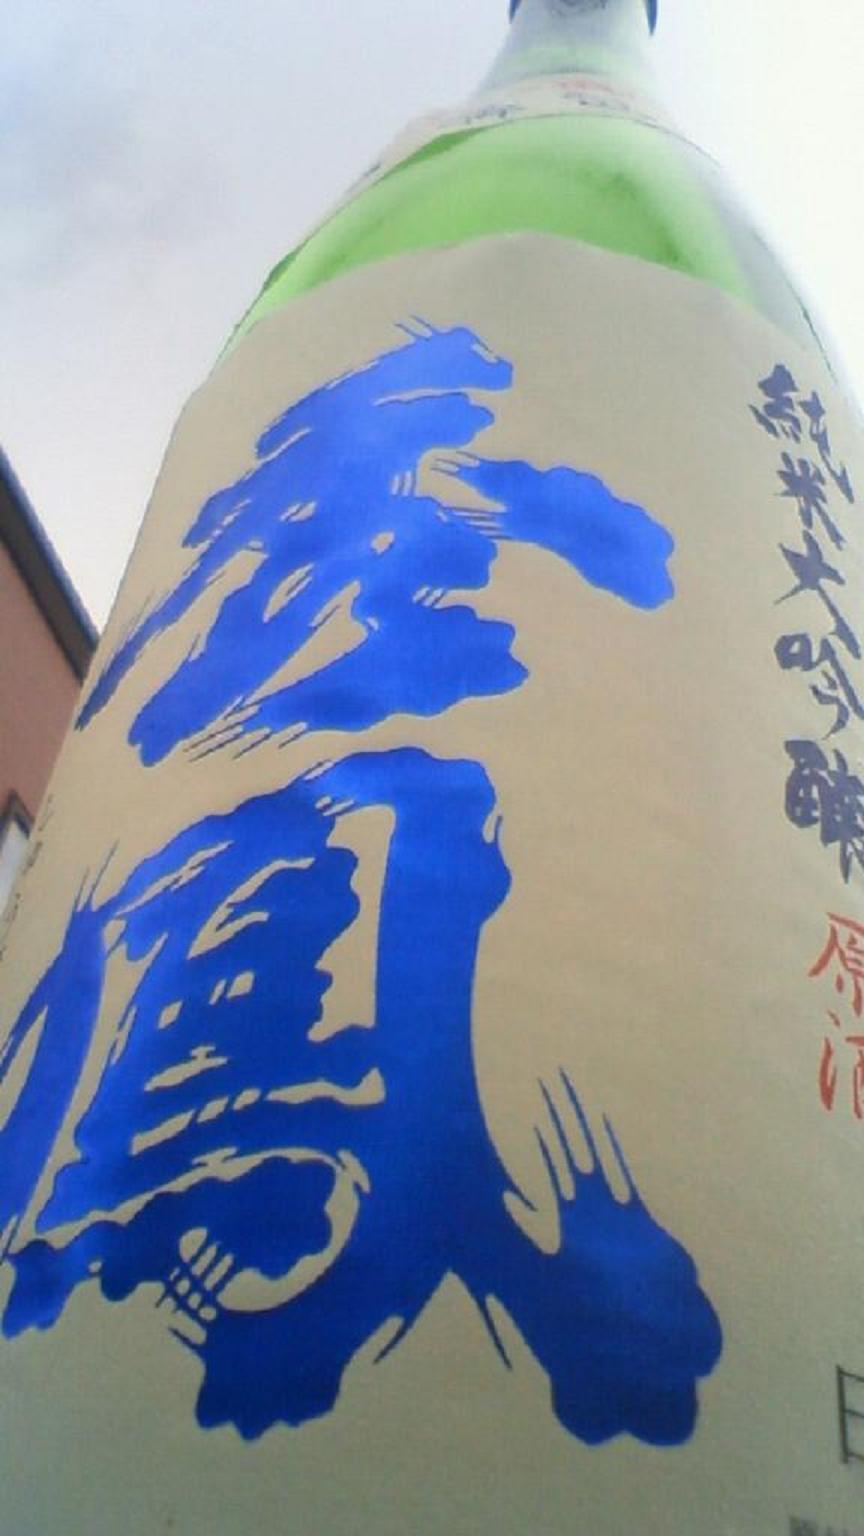 【日本酒】 秀鳳 特別純米 辛口生酒 美山錦 +10_e0173738_12212632.jpg